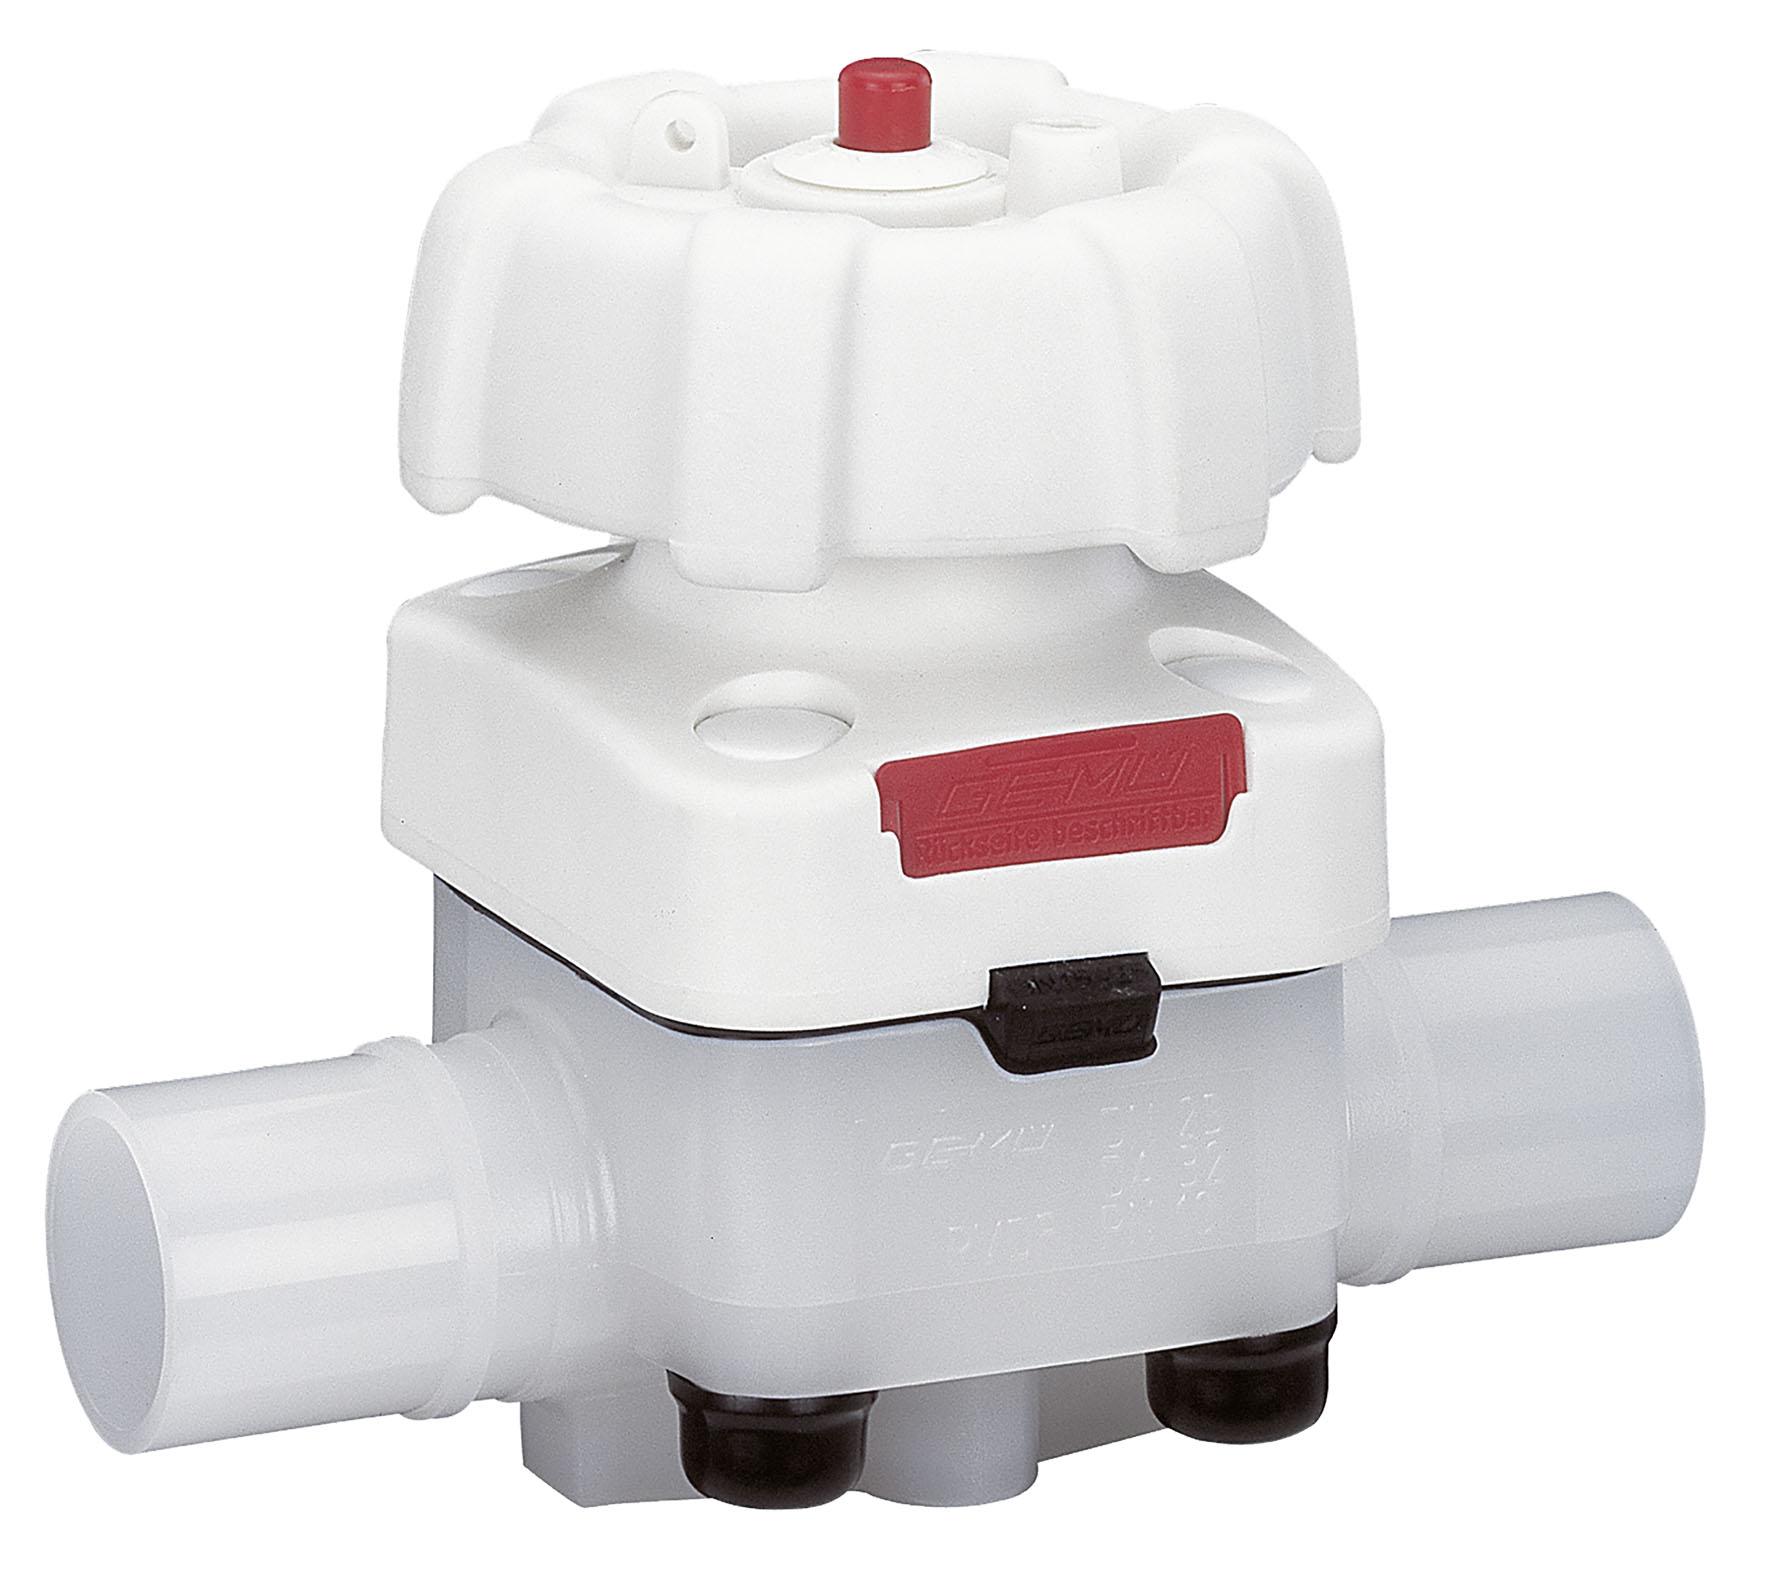 Hochreines Membranventil GEMÜ 677HP PurePlus / Auch bei hoher Temperatur und Druckbeanspruchung